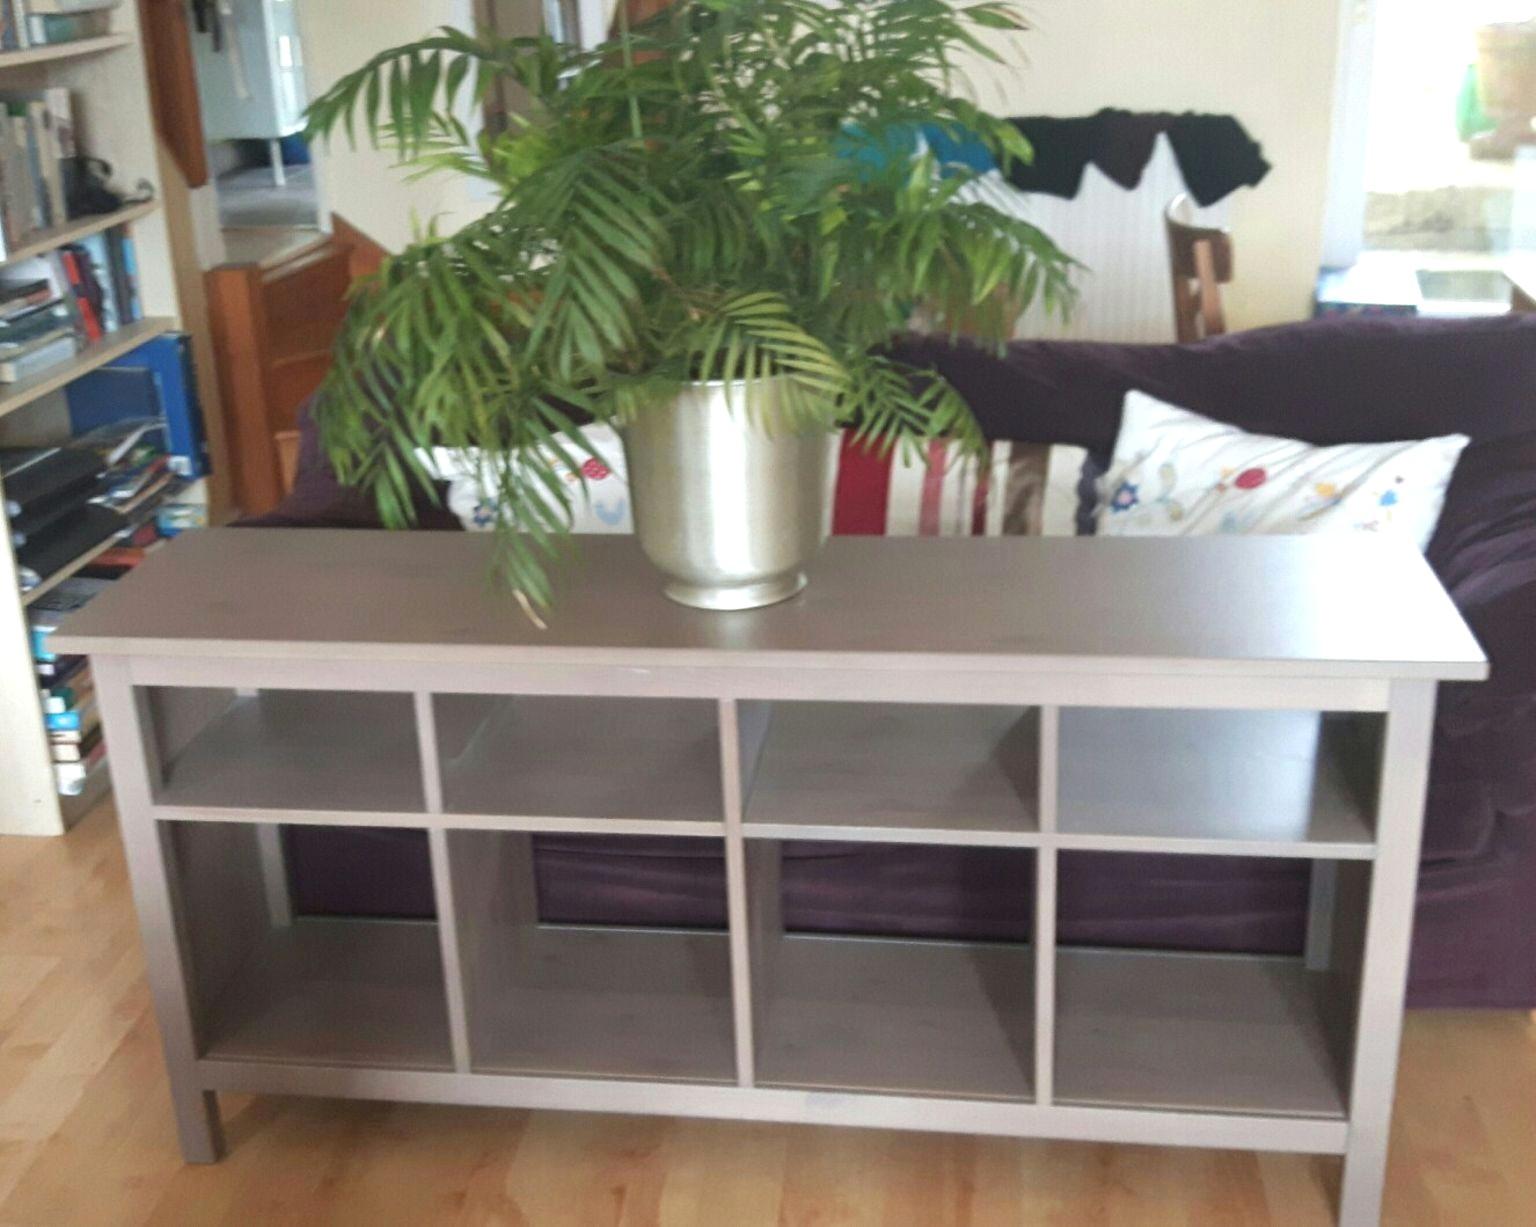 ikea hemnes console table avec et jardiniere zinc 1 1536x1227px in bac eprofeel tous nos catalogues produits en ligne fibre de terre taupe exterieur terrasse